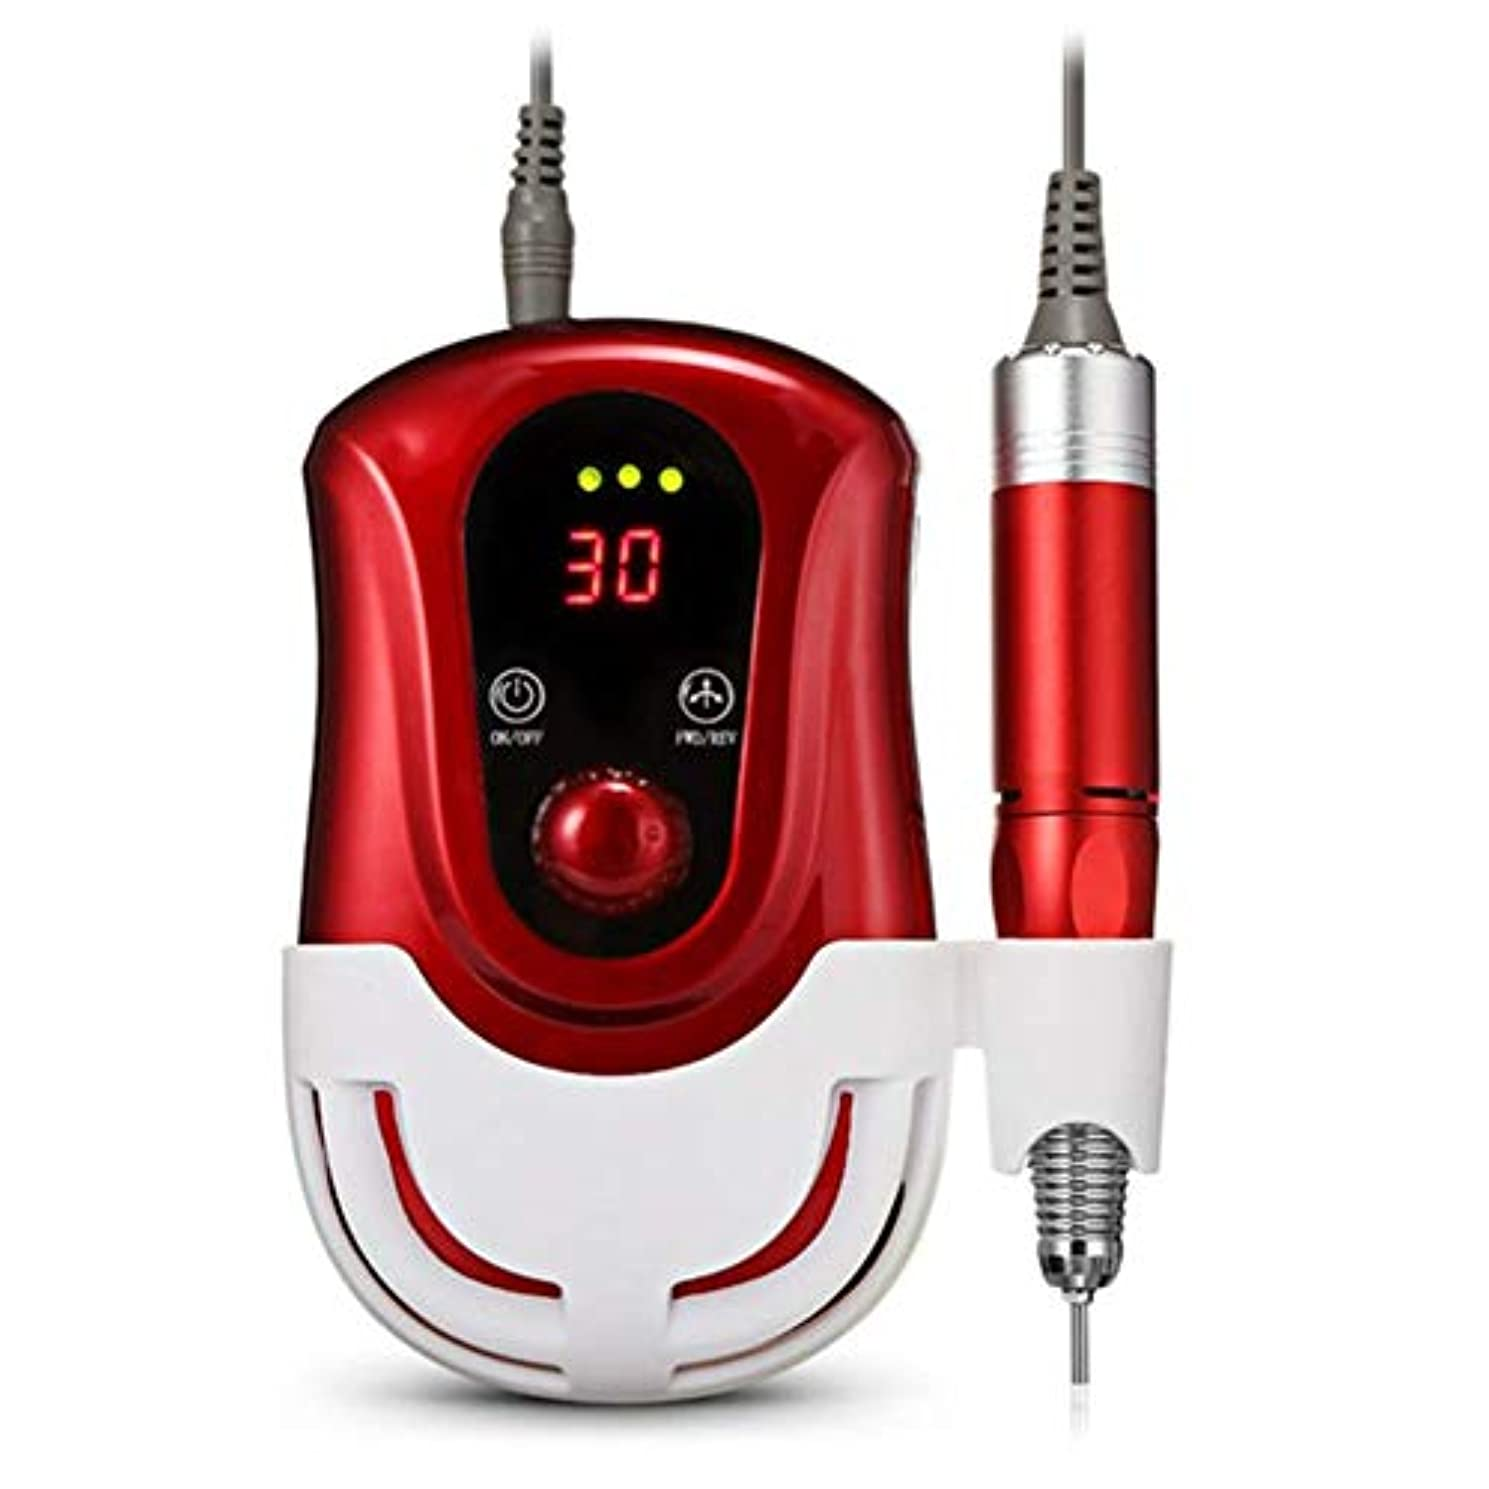 溝計算勇気のある電動ネイルドリルマシン30000RPMカッターマニキュアペディキュアツール、アクセサリー専門職用研削ネイルアート機器キット,赤